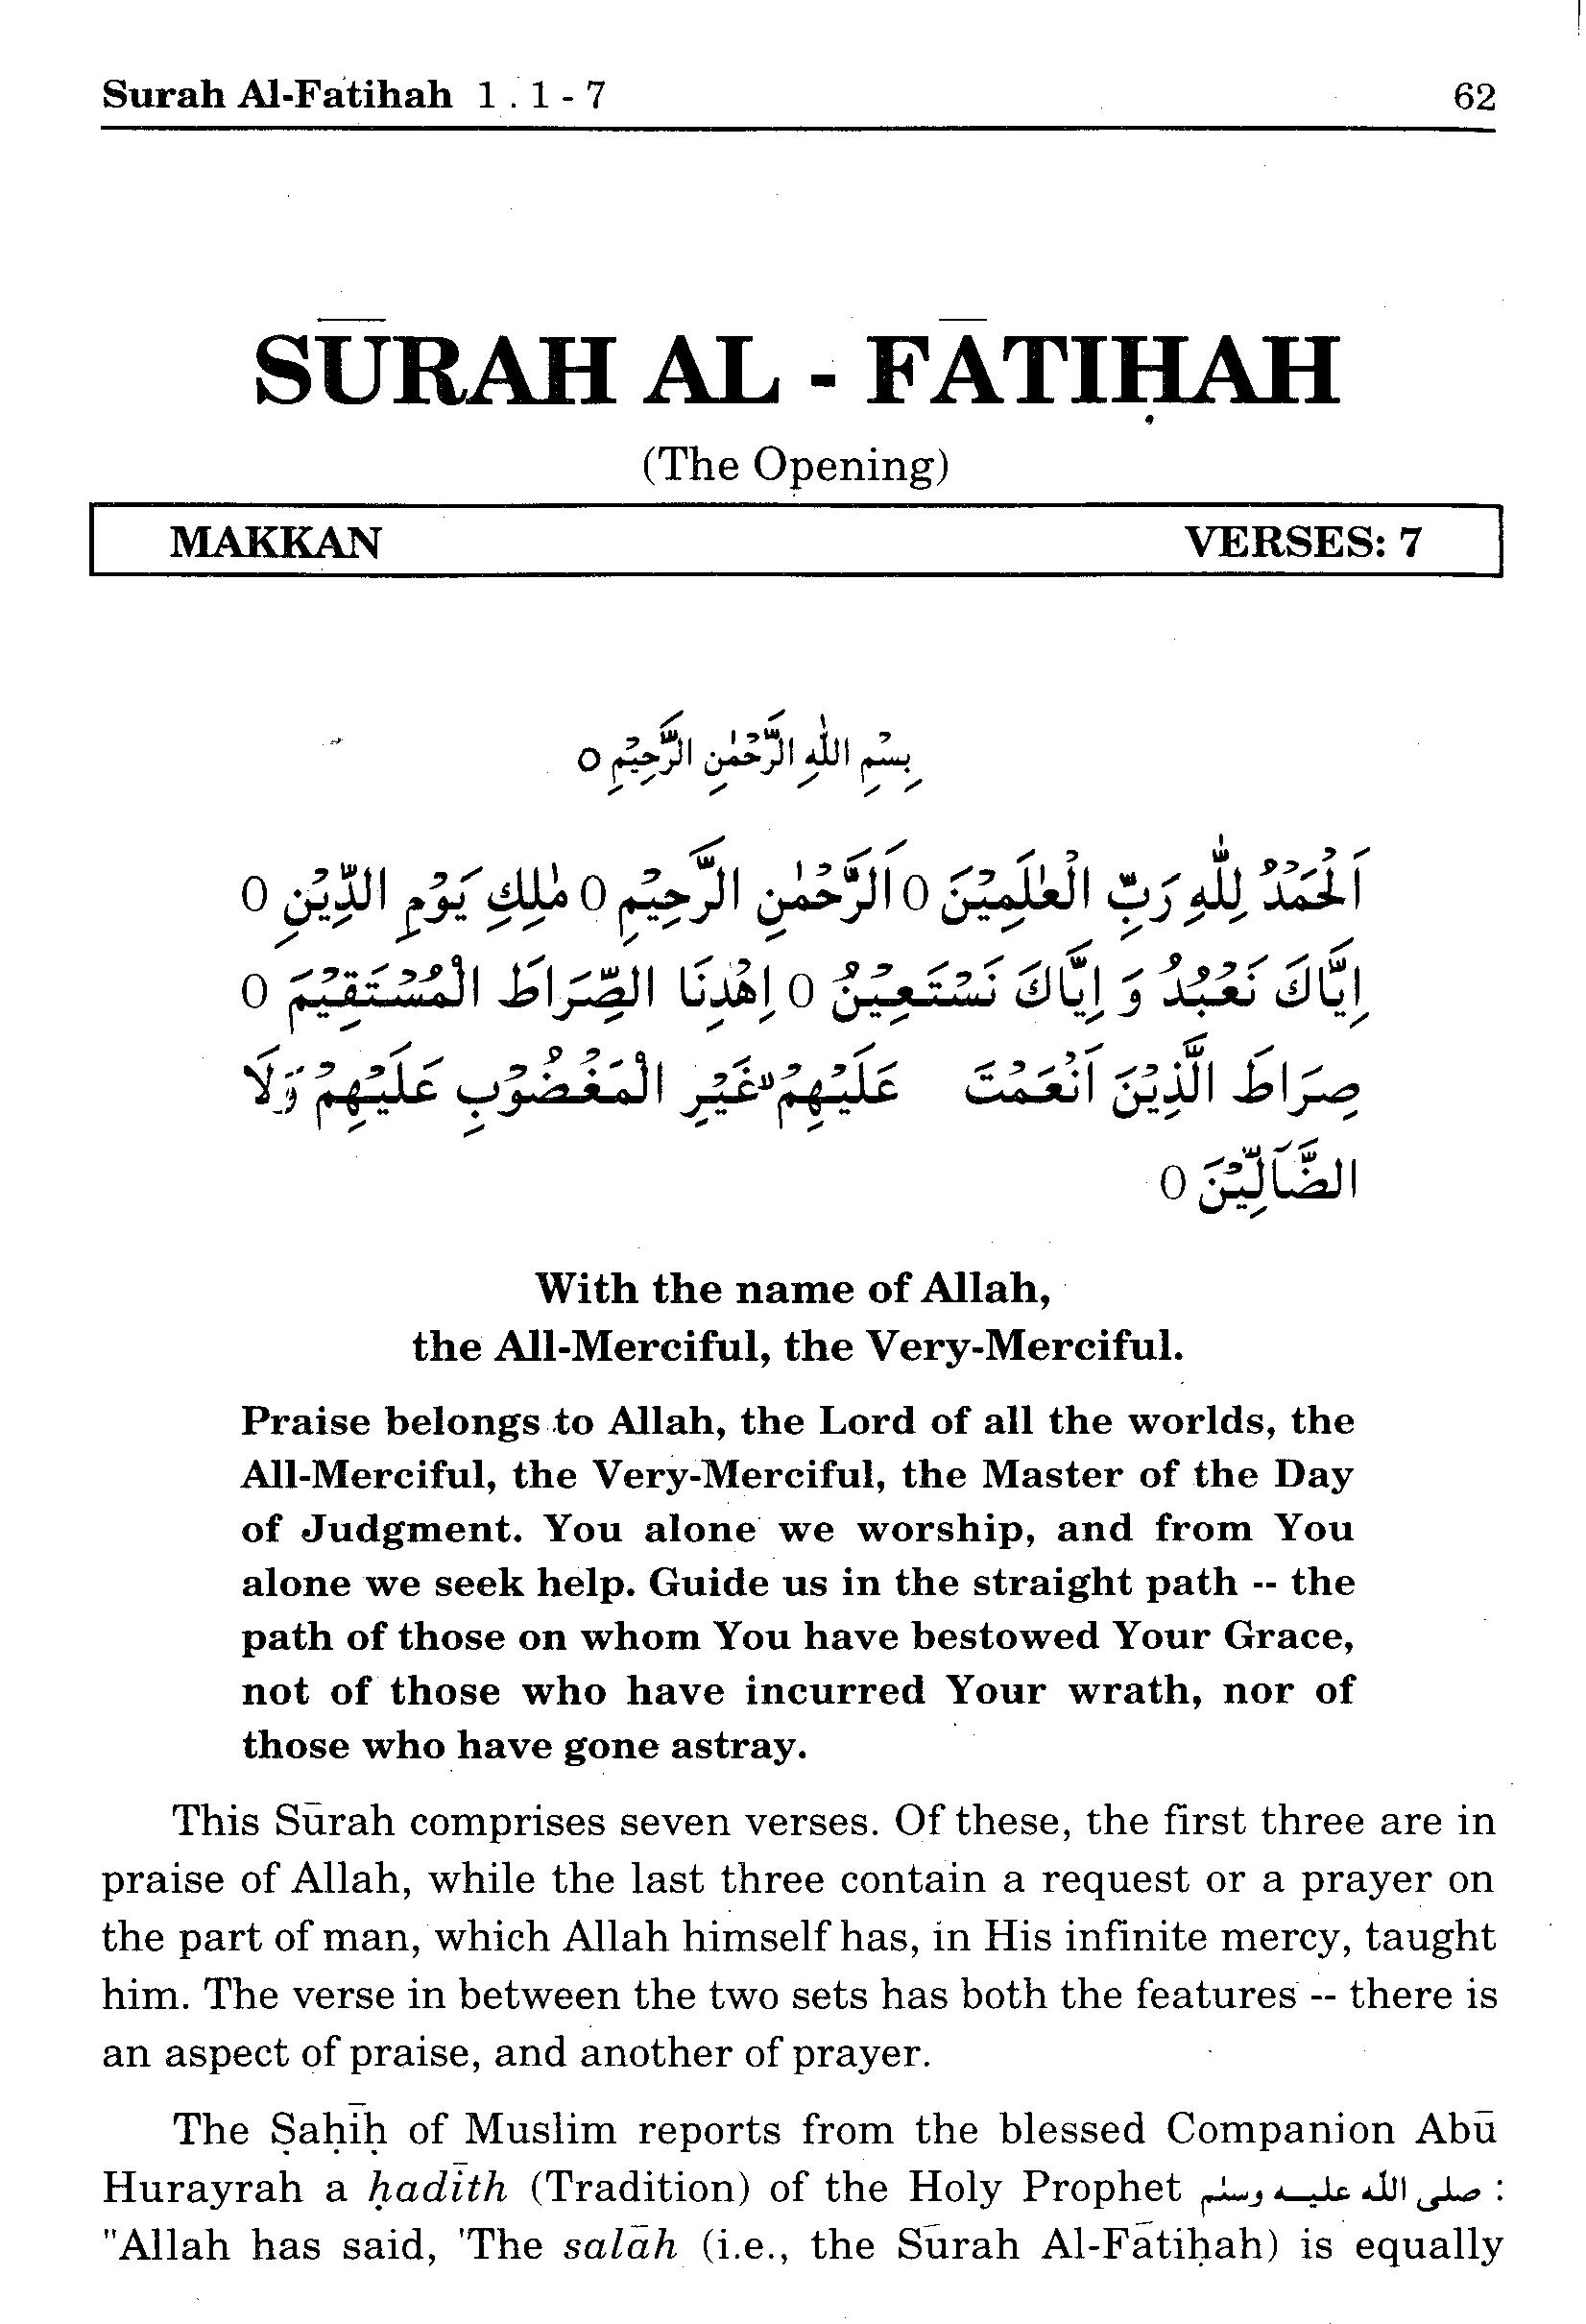 Surah Al-Fathiha 1:1-7 - Maariful Quran - Maarif ul Quran